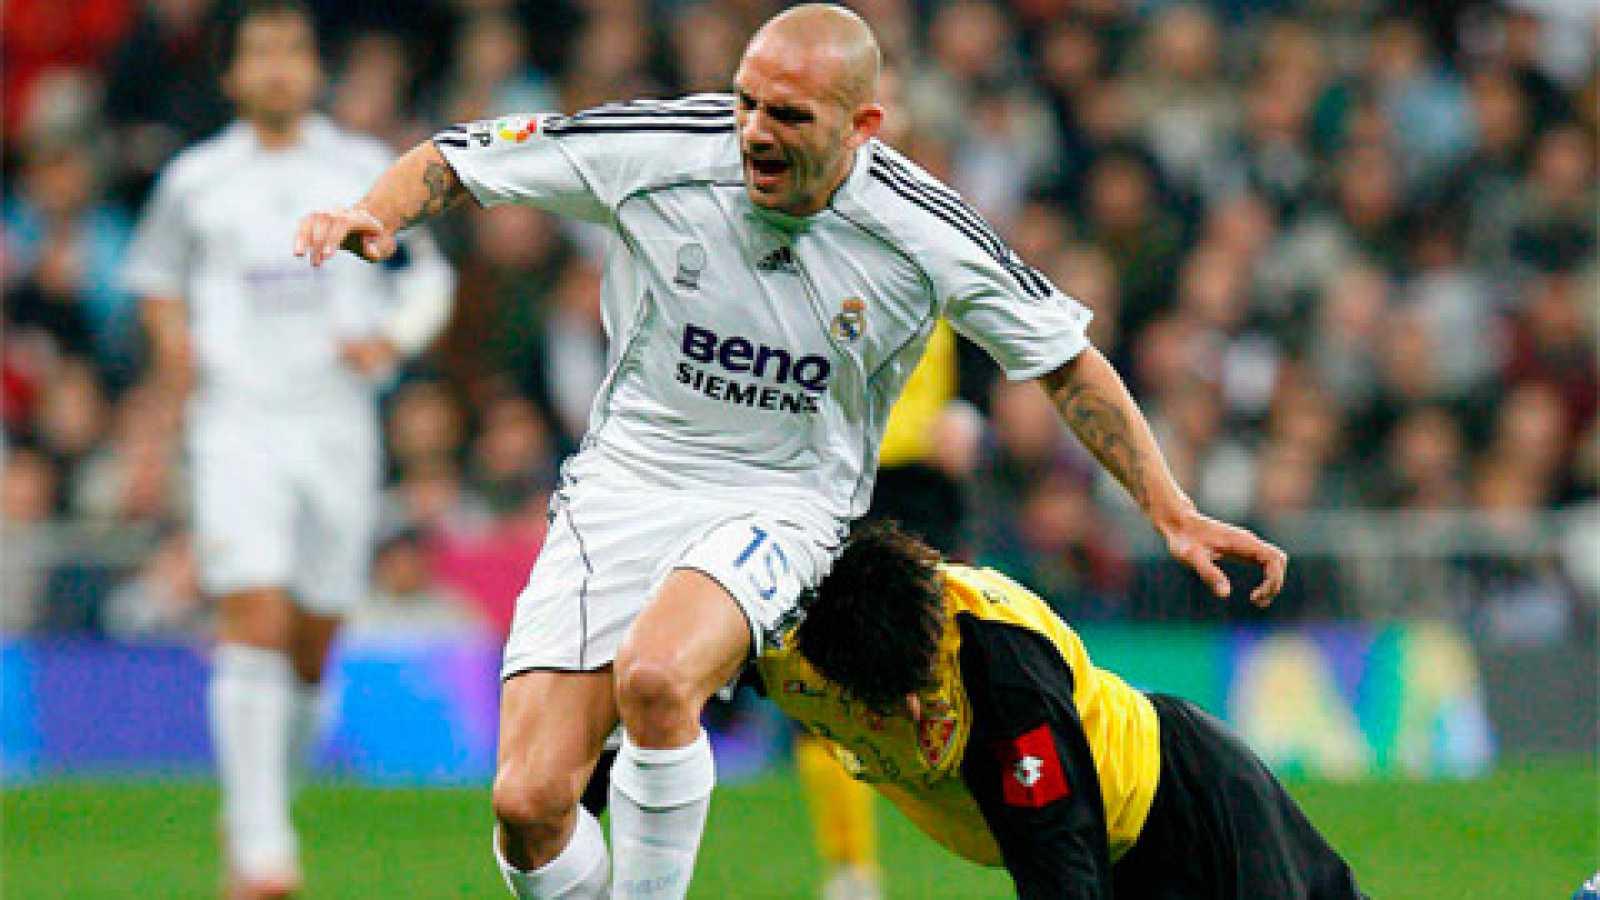 La Policía detiene a varios jugadores de fútbol por presunto amaño de partidos